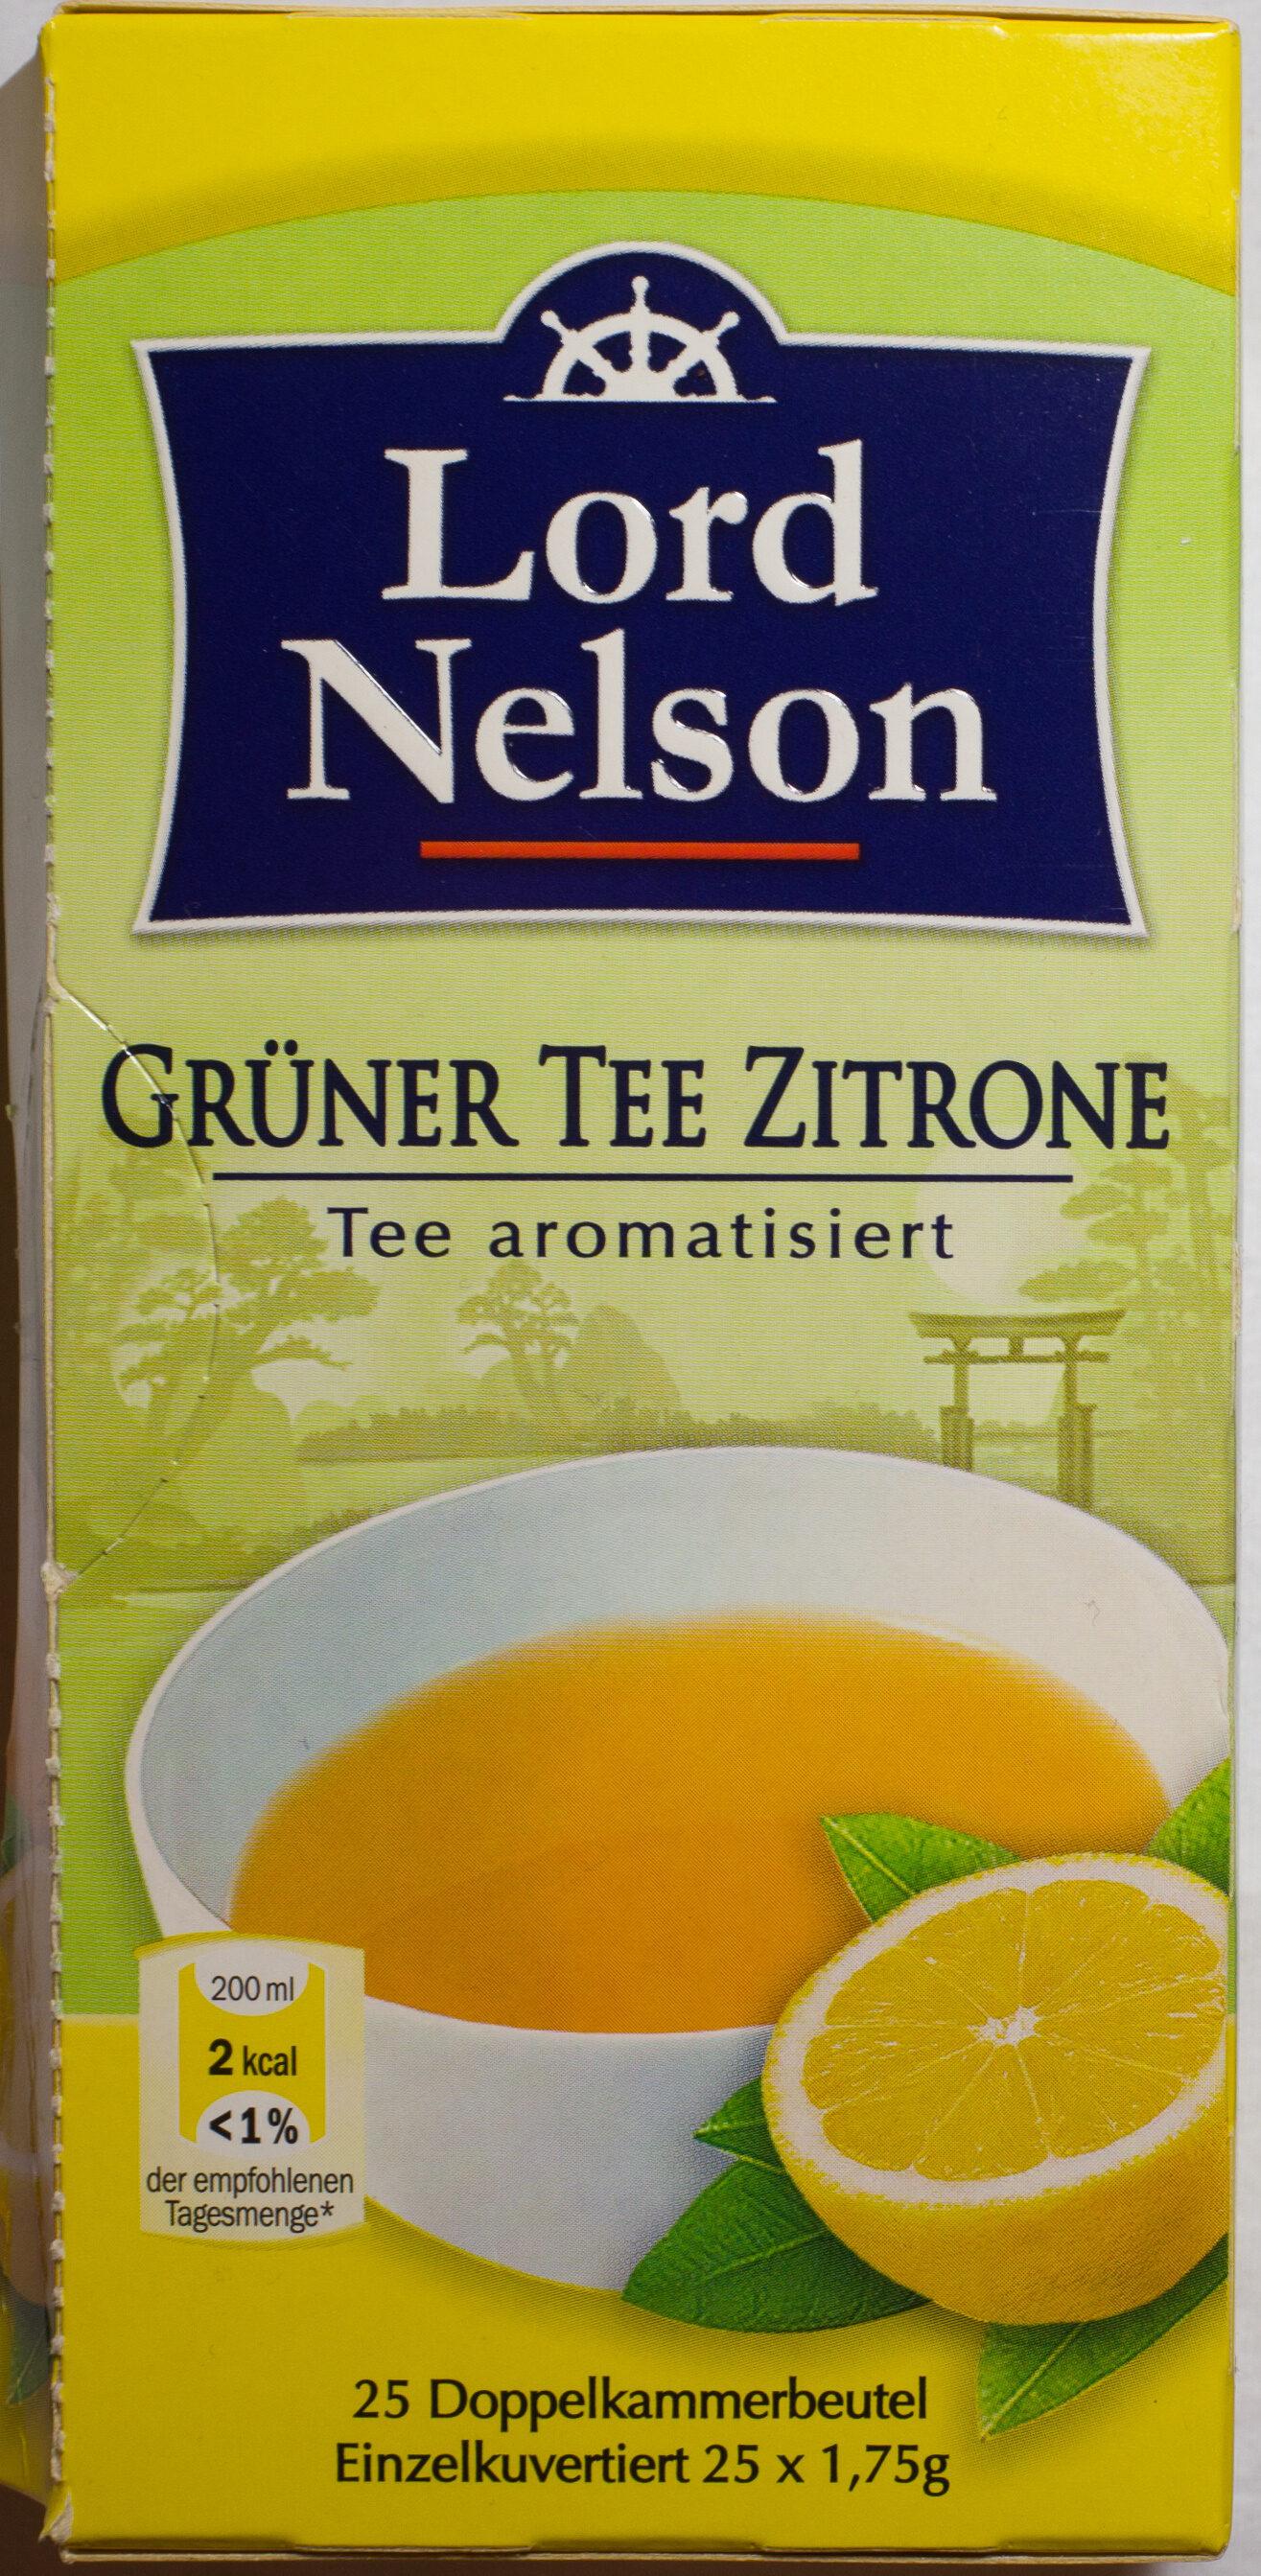 Grüner Tee Zitrone - Product - de